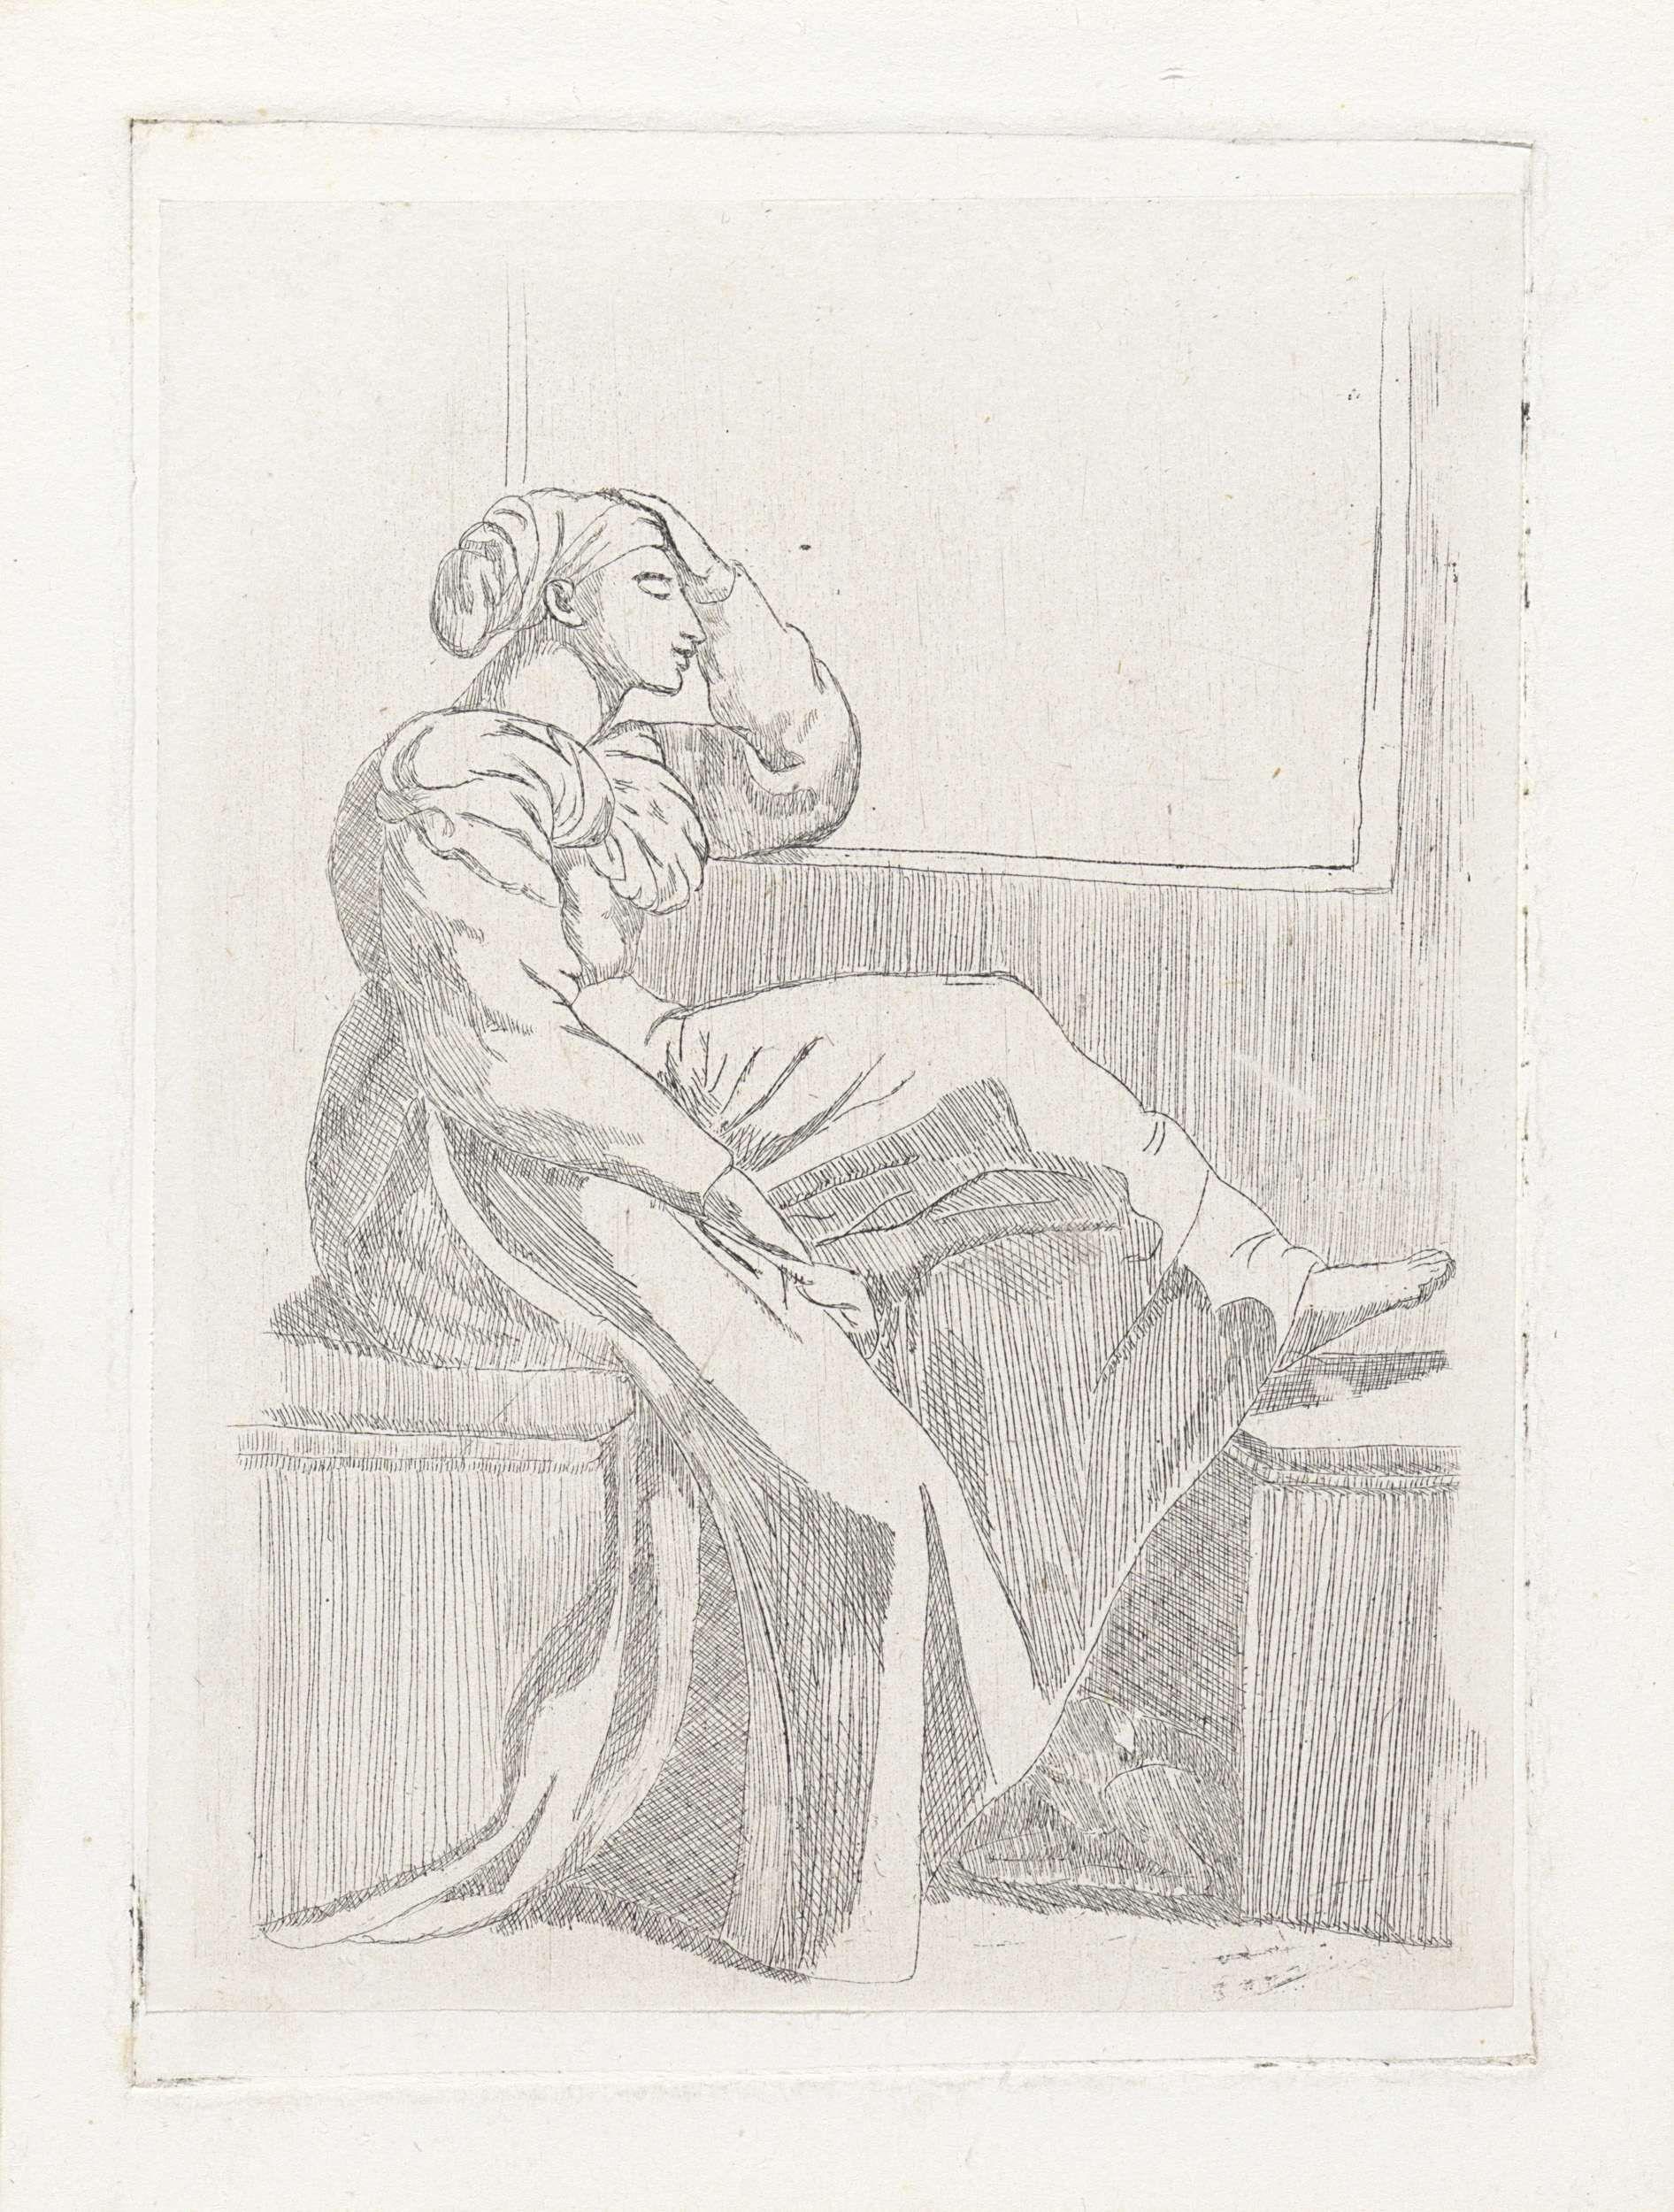 Zittende vrouw bij een open raam, Cornelia Marjolin-Scheffer, 1845 - 1899